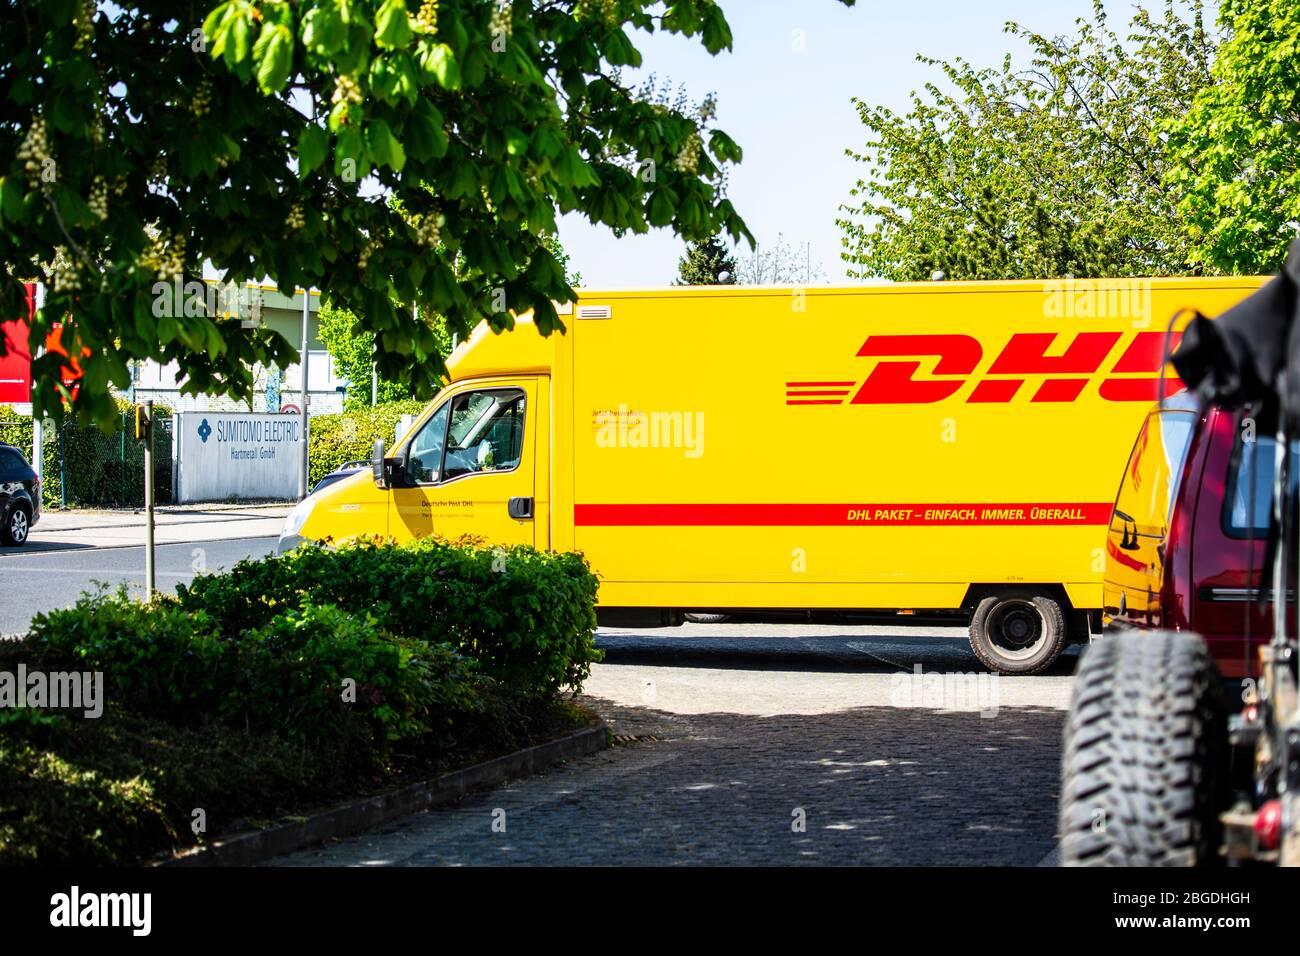 EIn Fahrzeug des Paketdienstleisters DHL liefert im Willicher Industriegebiet Pakete. Aktuell ist DHL wegen der Corona-Krise stark belastet. Stock Photo